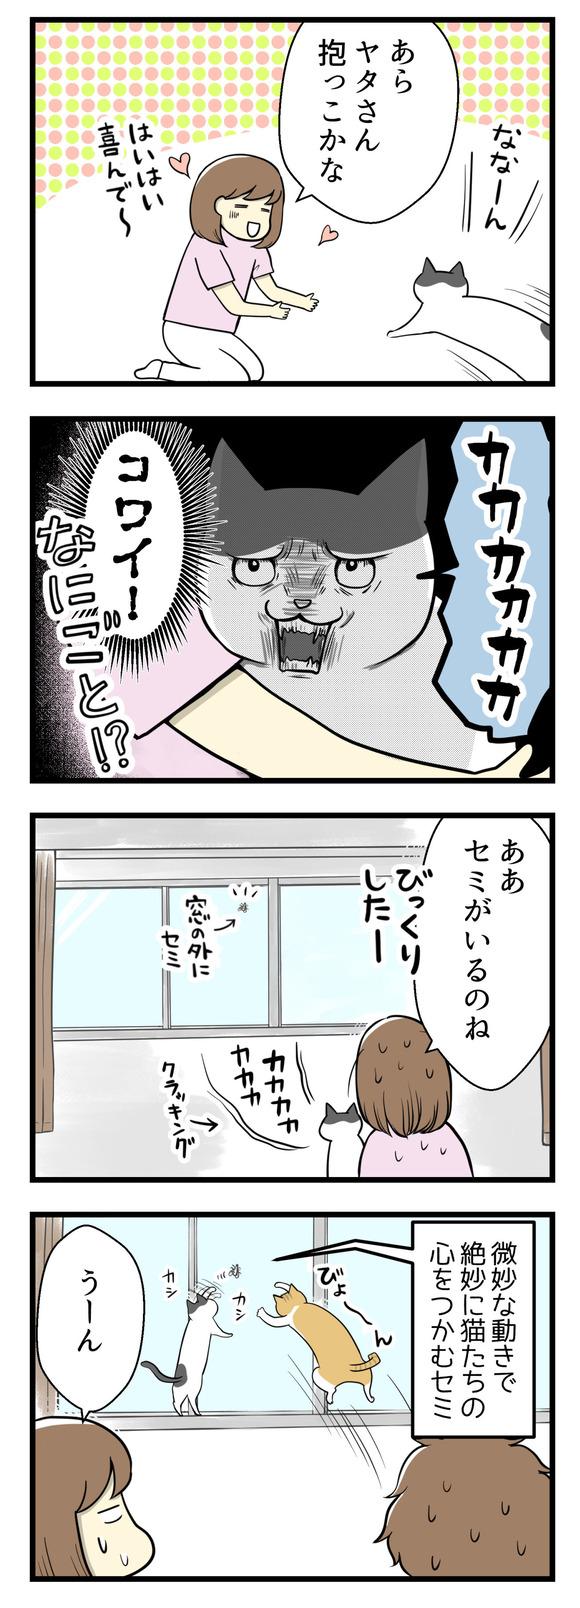 猫のヤタさんを抱っこしていたら急にカカカカ!とクラッキングが始まってびっくり。気づくと窓にセミが張り付いていました。絶妙な動きで猫たちの心をつかむセミ。